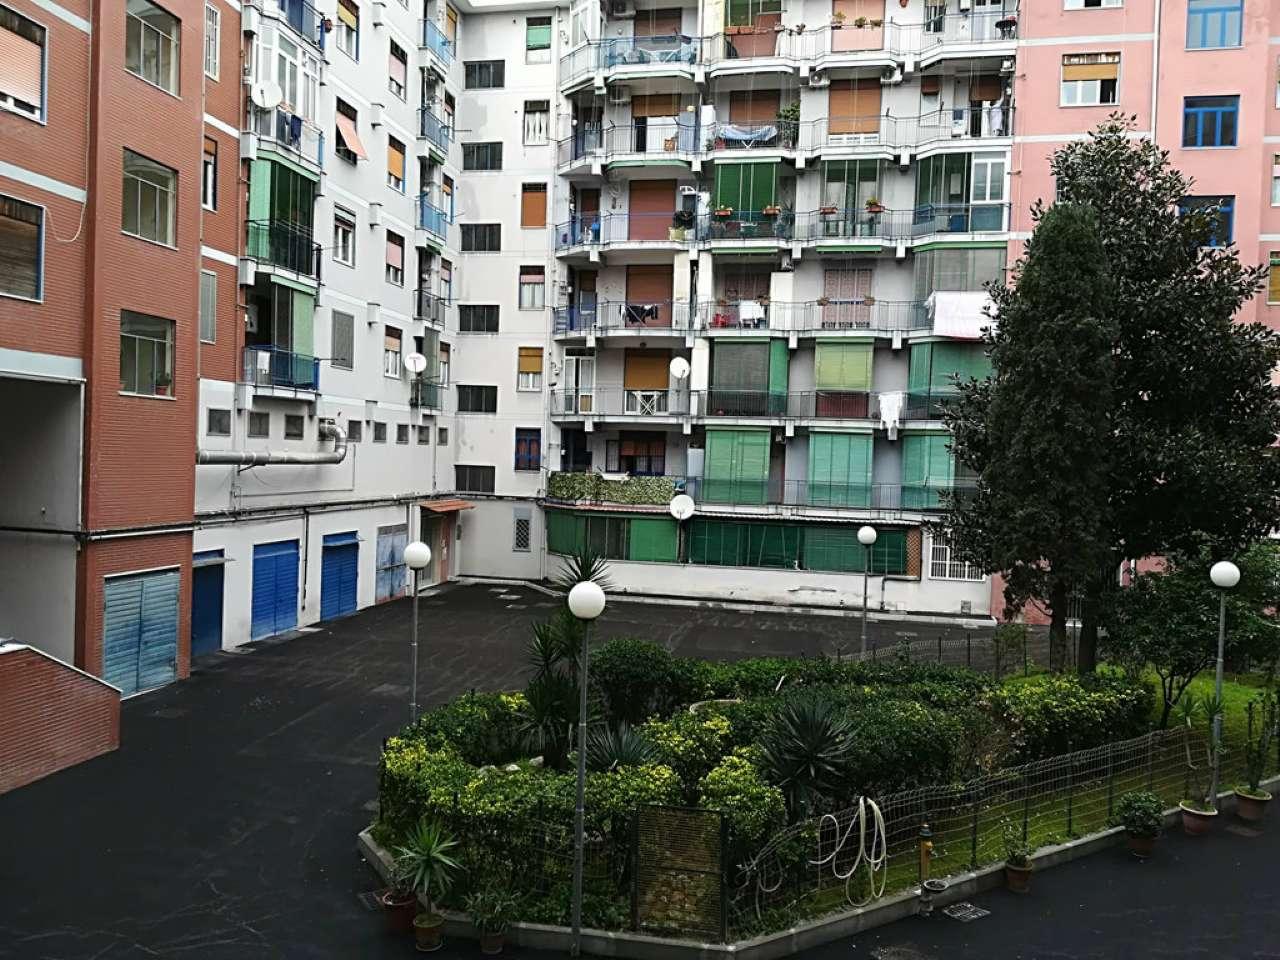 Leonardo immobiliare agenzia napoli a napoli na - Leonardo immobiliare ...